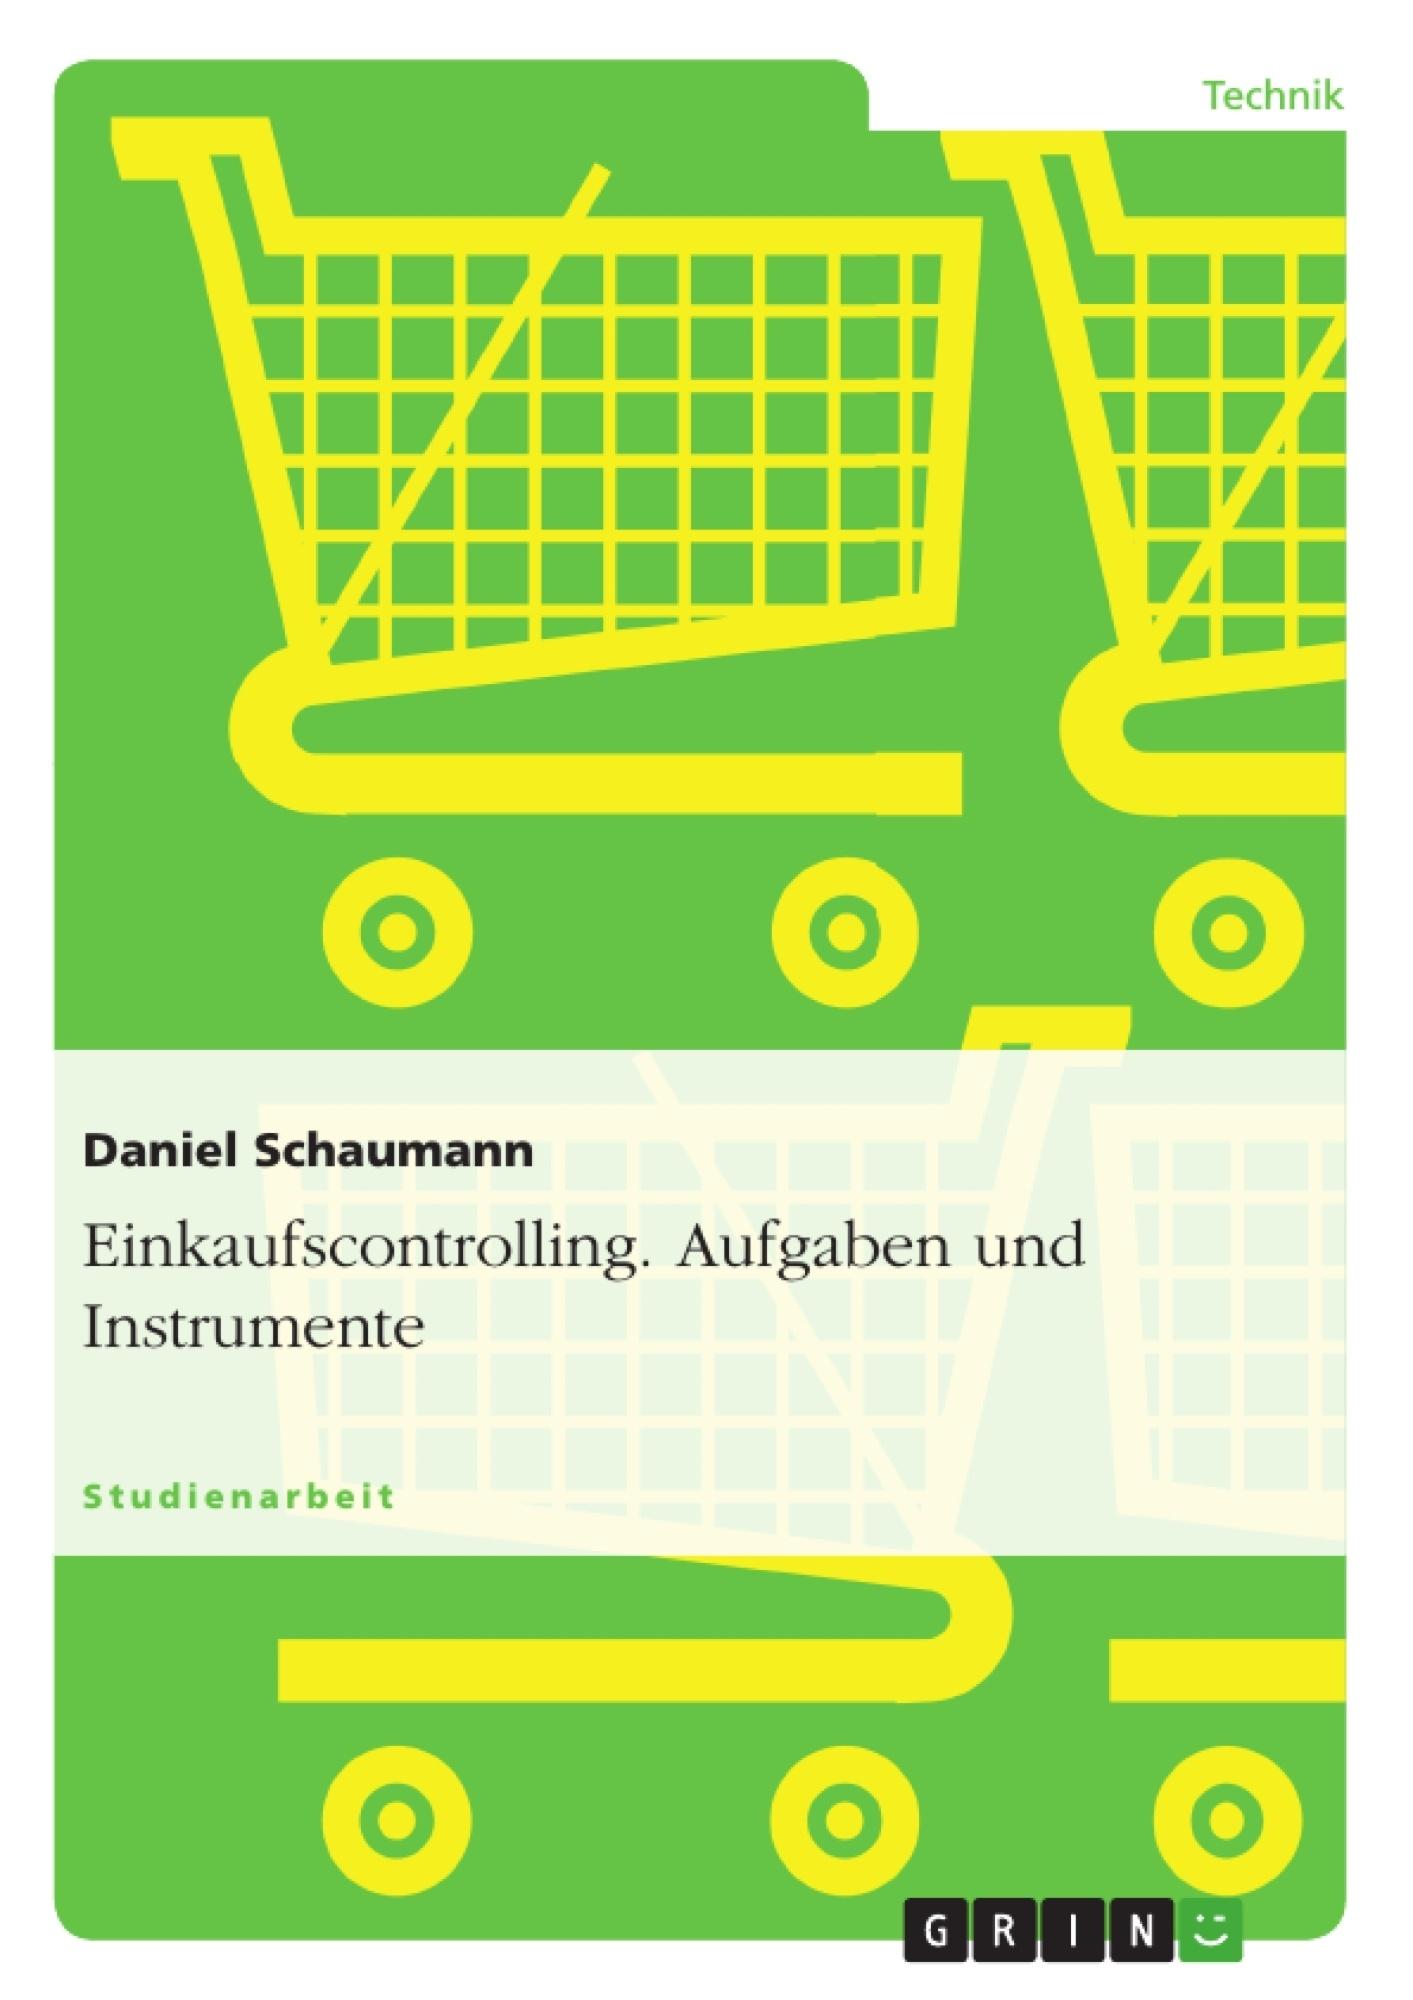 Titel: Einkaufscontrolling. Aufgaben und Instrumente